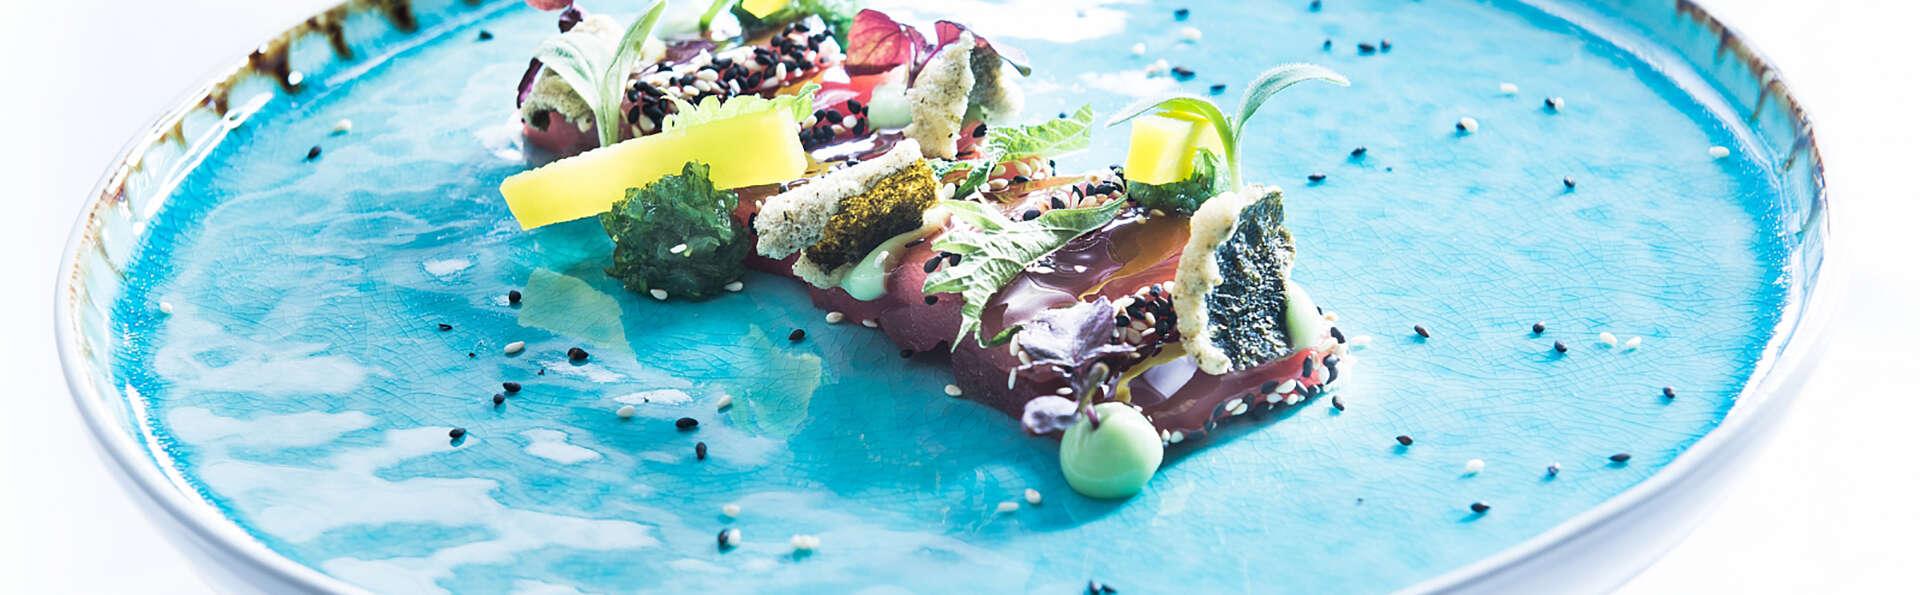 Plaisir culinaire sur la plage de Scheveningen